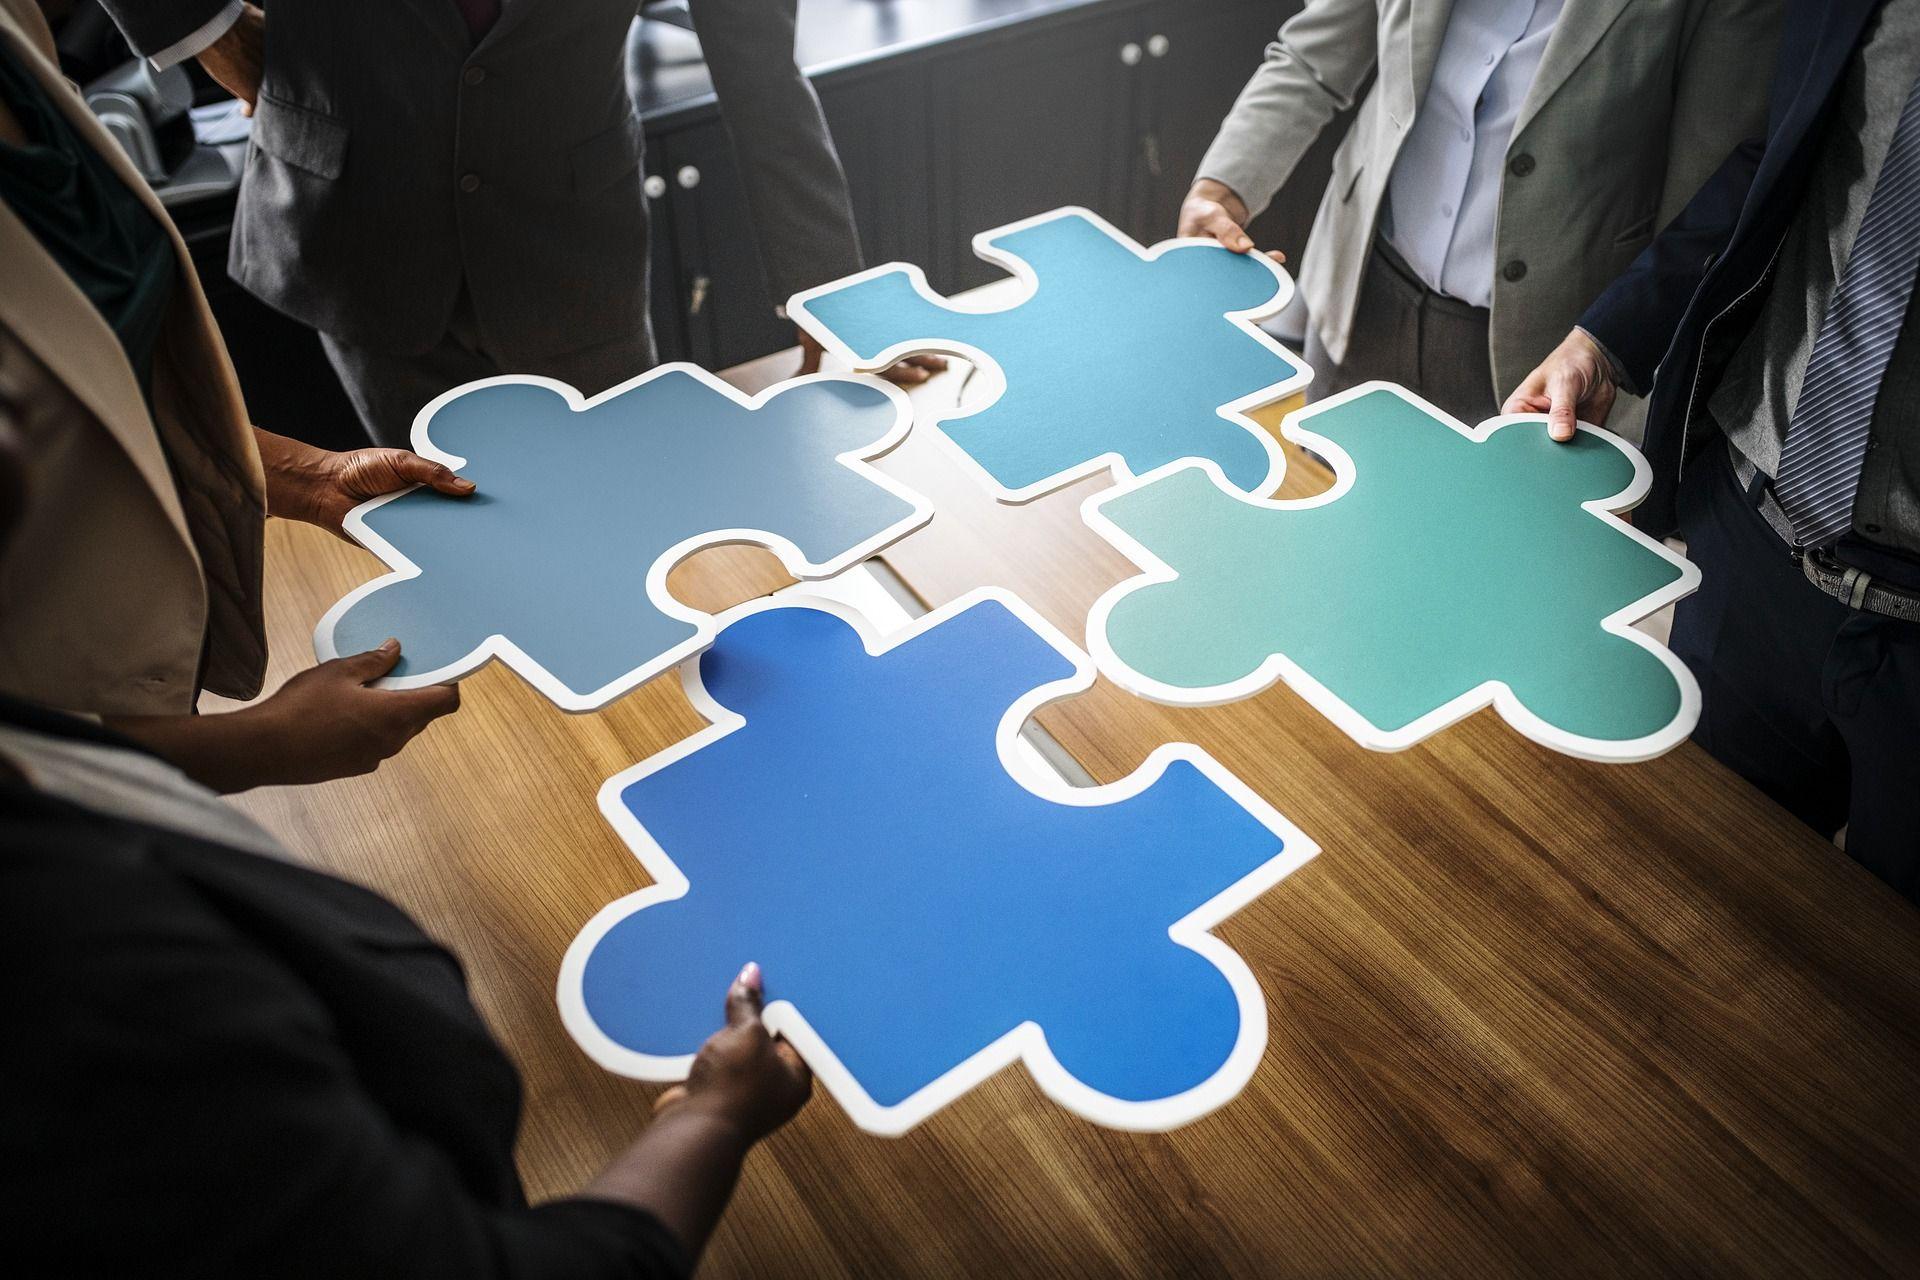 Zdrowy i dojrzały nadzór nad radą nadzorczą pozwala na konsekwentne rozwijanie przyjętej strategii biznesowej, a w efekcie na lepszą realizację planów finansowych (fot. shutterstock)